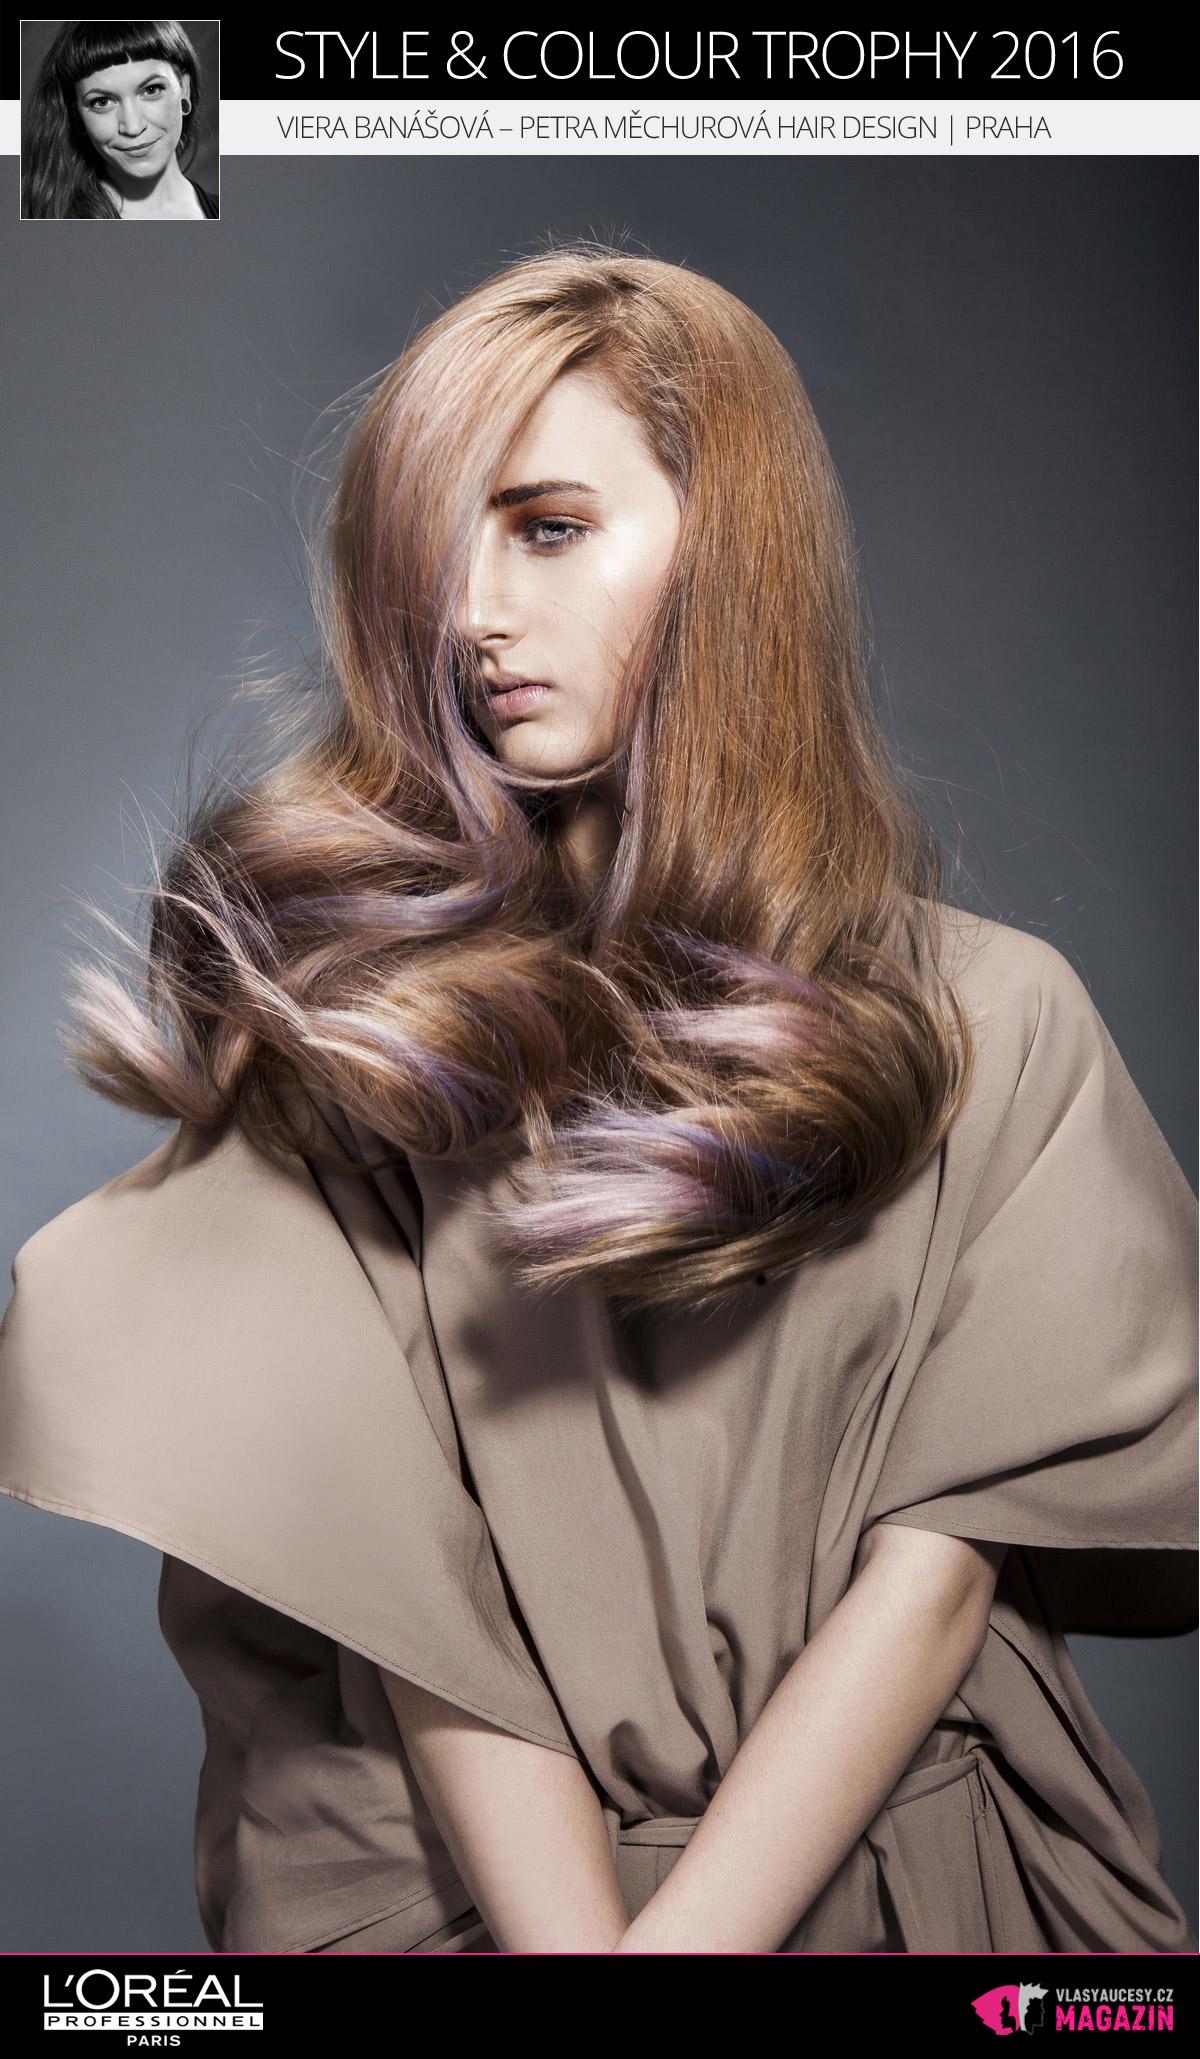 Viera Banášová – Salon Petra Měchurová, Praha | L'Oréal Style & Colour Trophy 2016